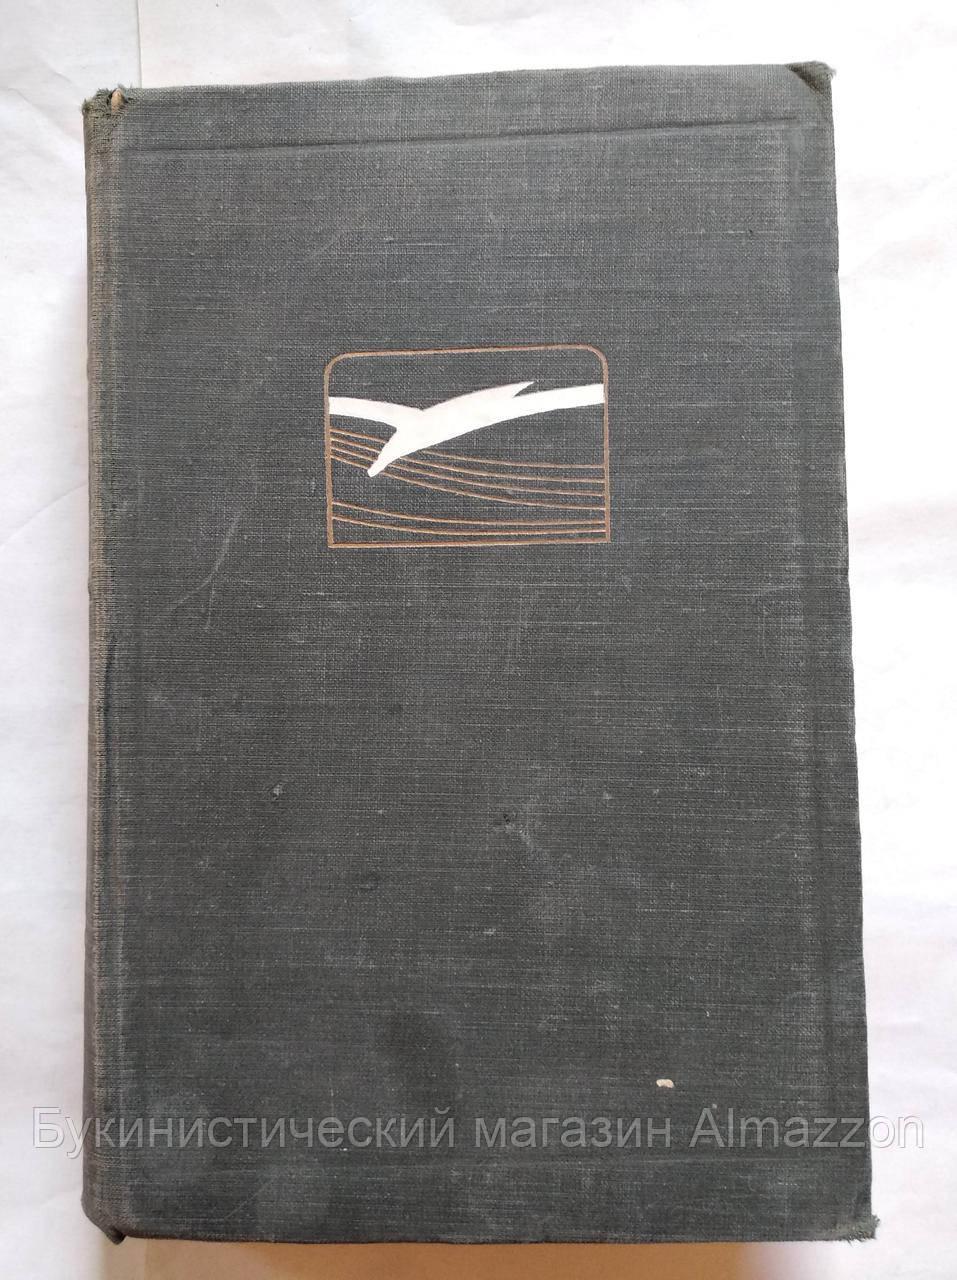 Ежегодник Московского художественного театра 1945 года. 2-й том